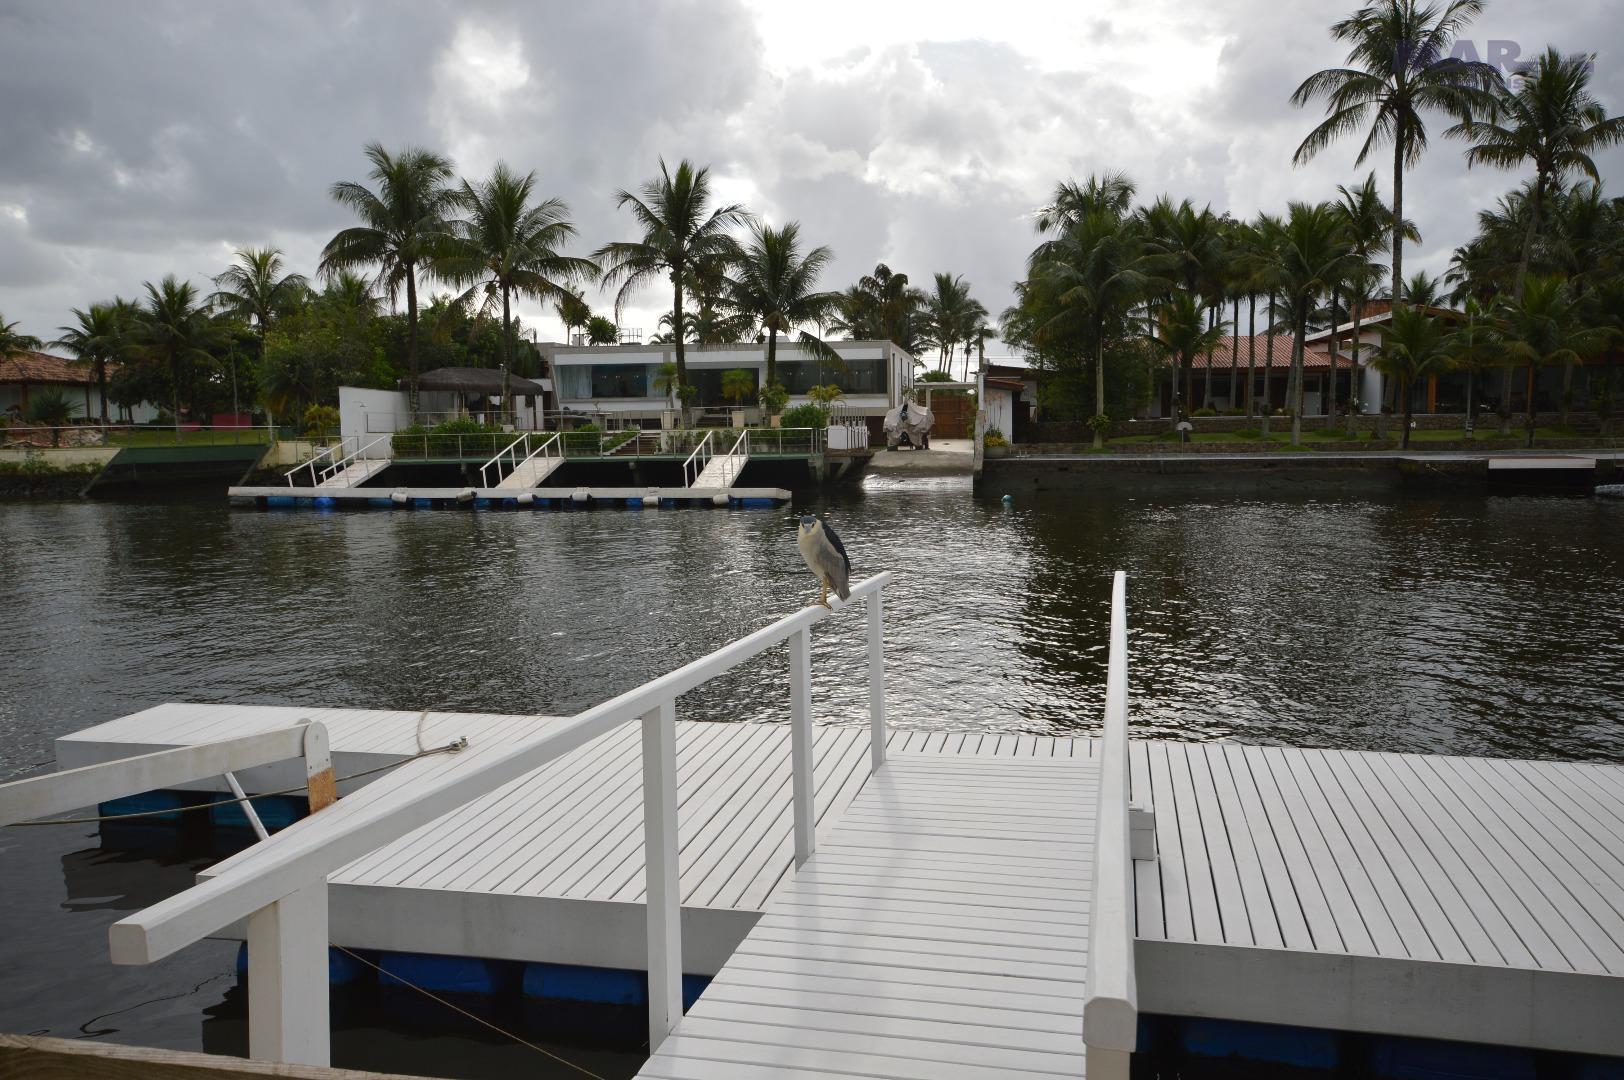 Casa residencial à venda, Marina Guarujá - 5 Suítes - Pier p/ Emb de até 80 pés !!!